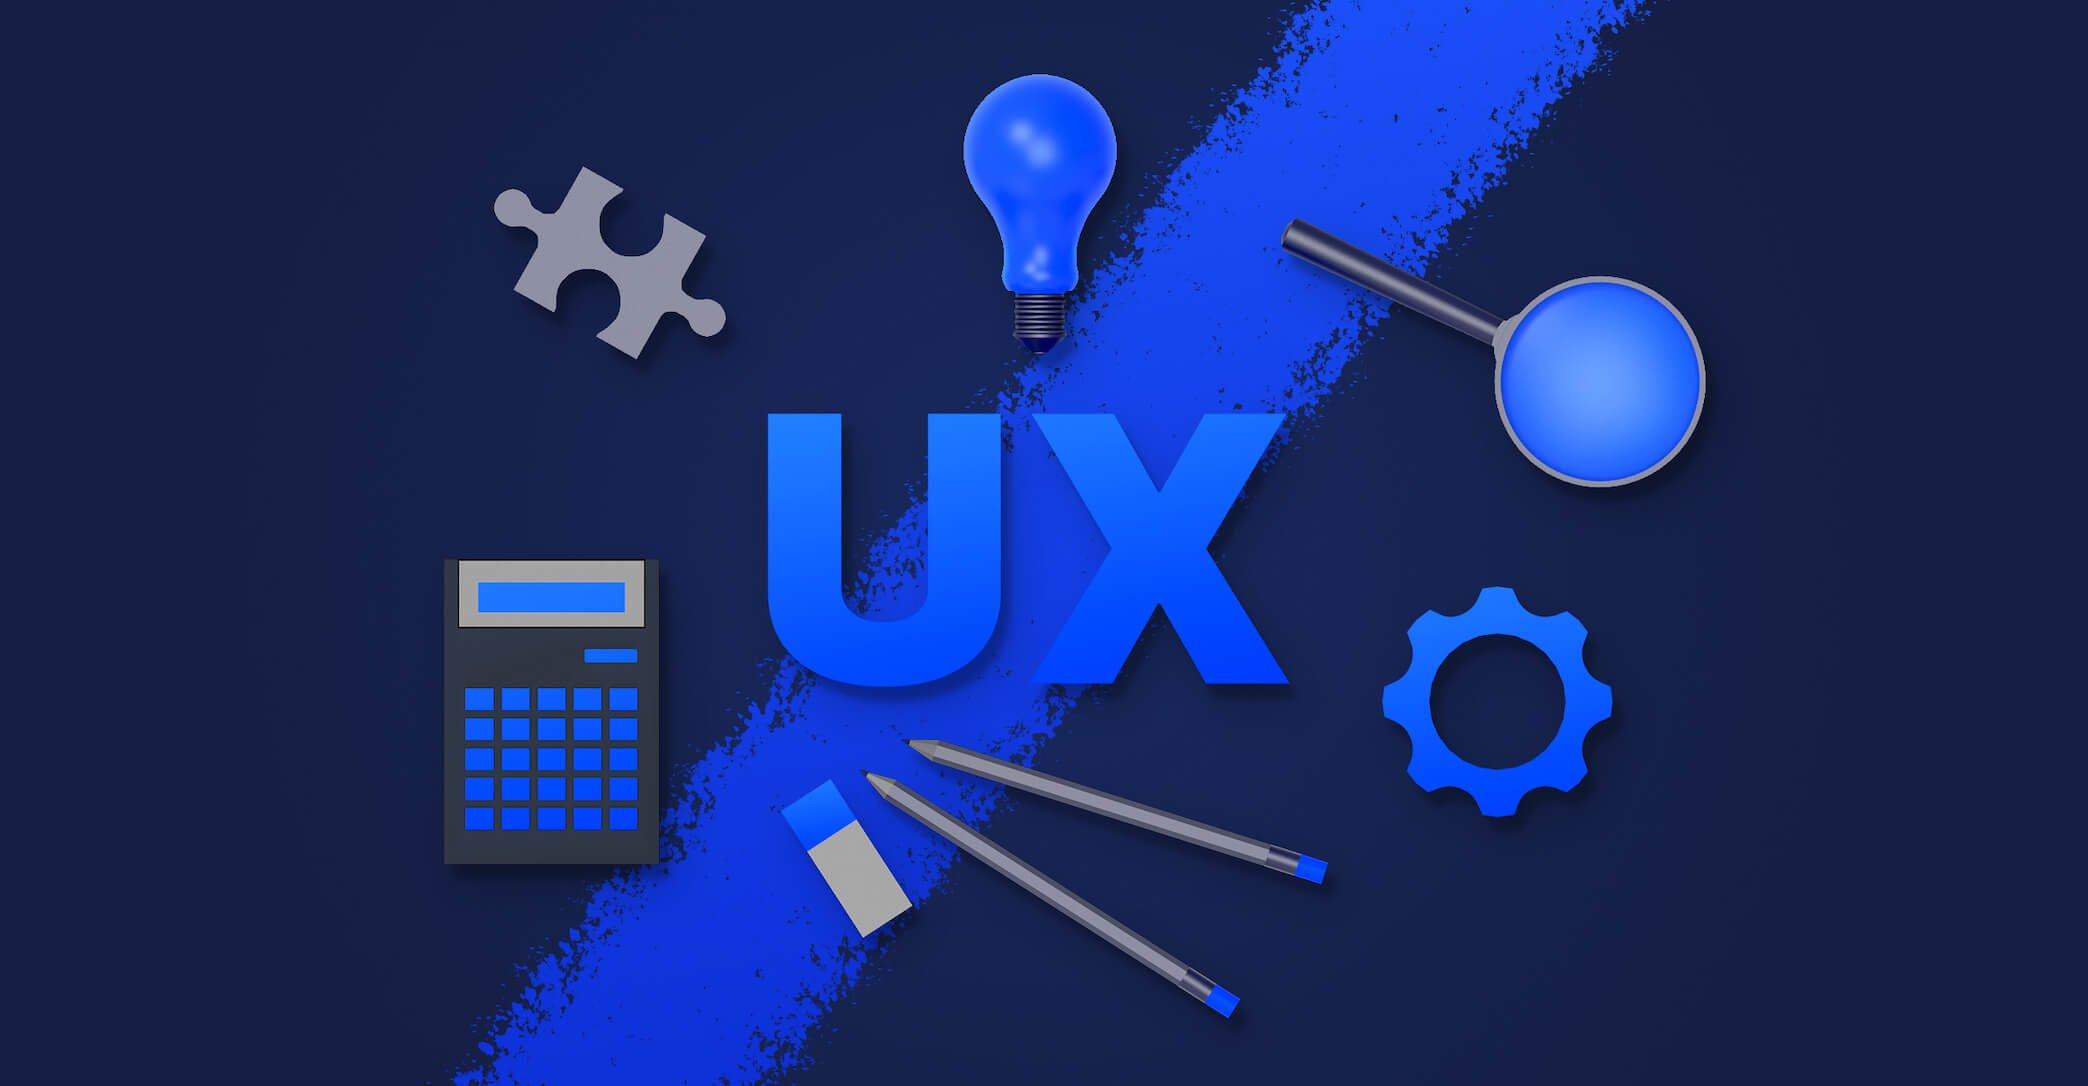 تجربه کاربری (UX) و اهمیت آن در طراحی سایت - 01web